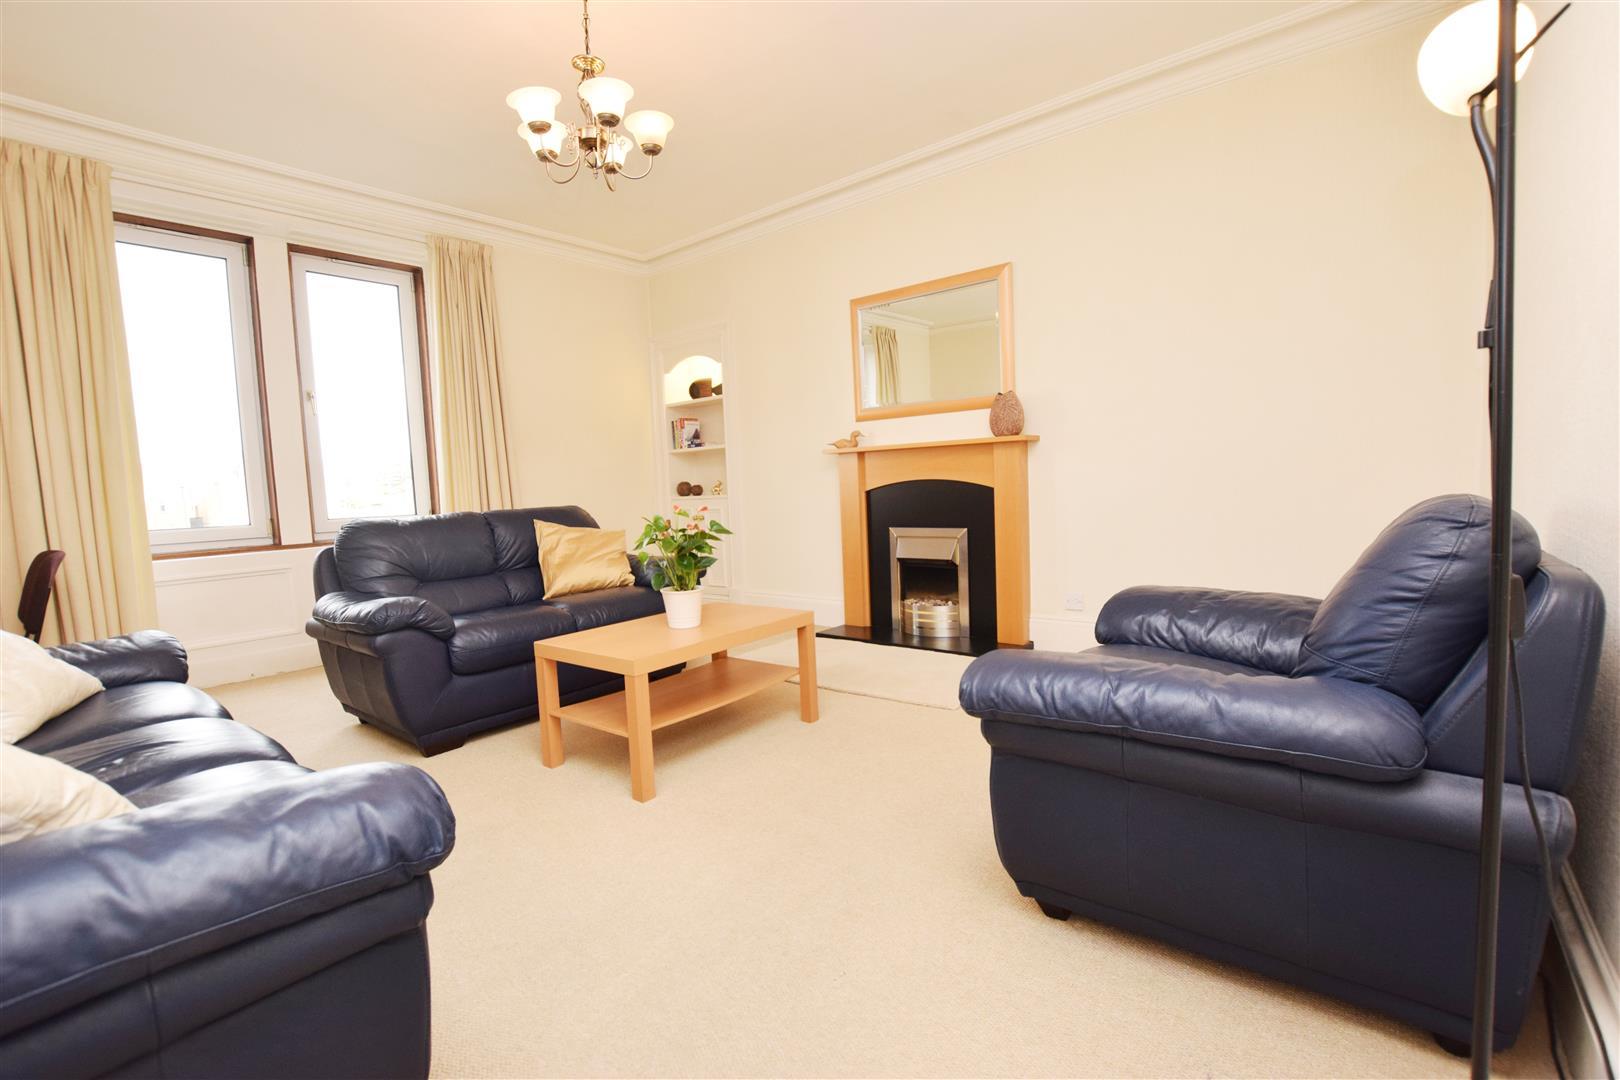 15C, Balhousie Street, Perth, Perthshire, PH1 5HJ, UK